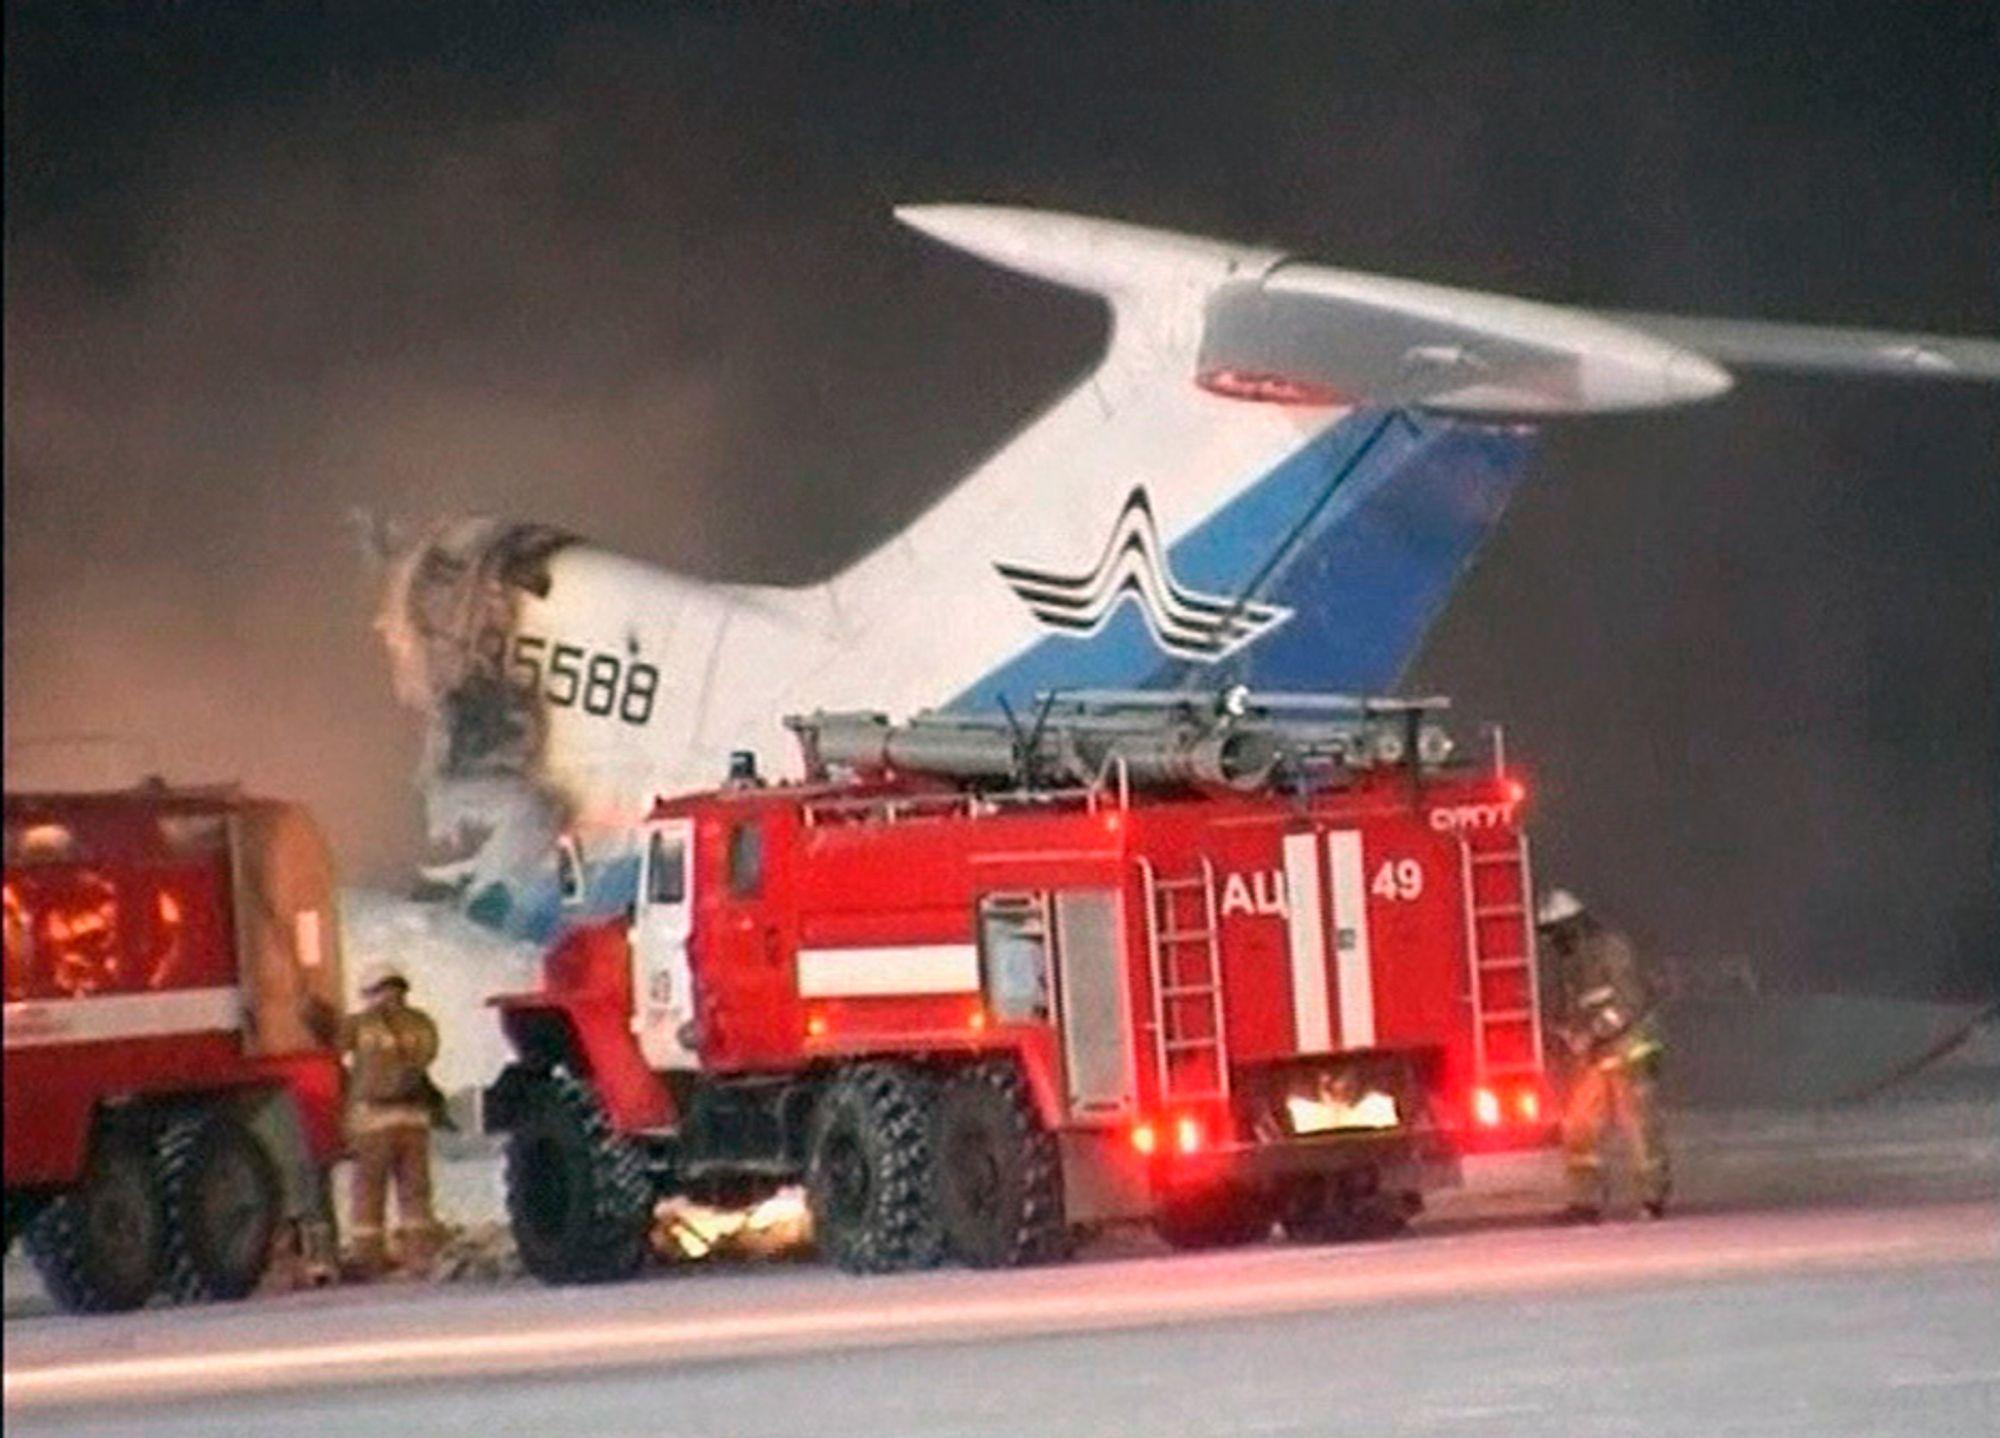 ETTERFORSKES: Brannmannskaper i ferd med å slukke brannen på det siste Tupolev Tu-154-flyet som blir rammet av ulykke i Russland. Russiske myndigheter vil sette flytypen på bakken til ulykken er ferdig etterforsket.